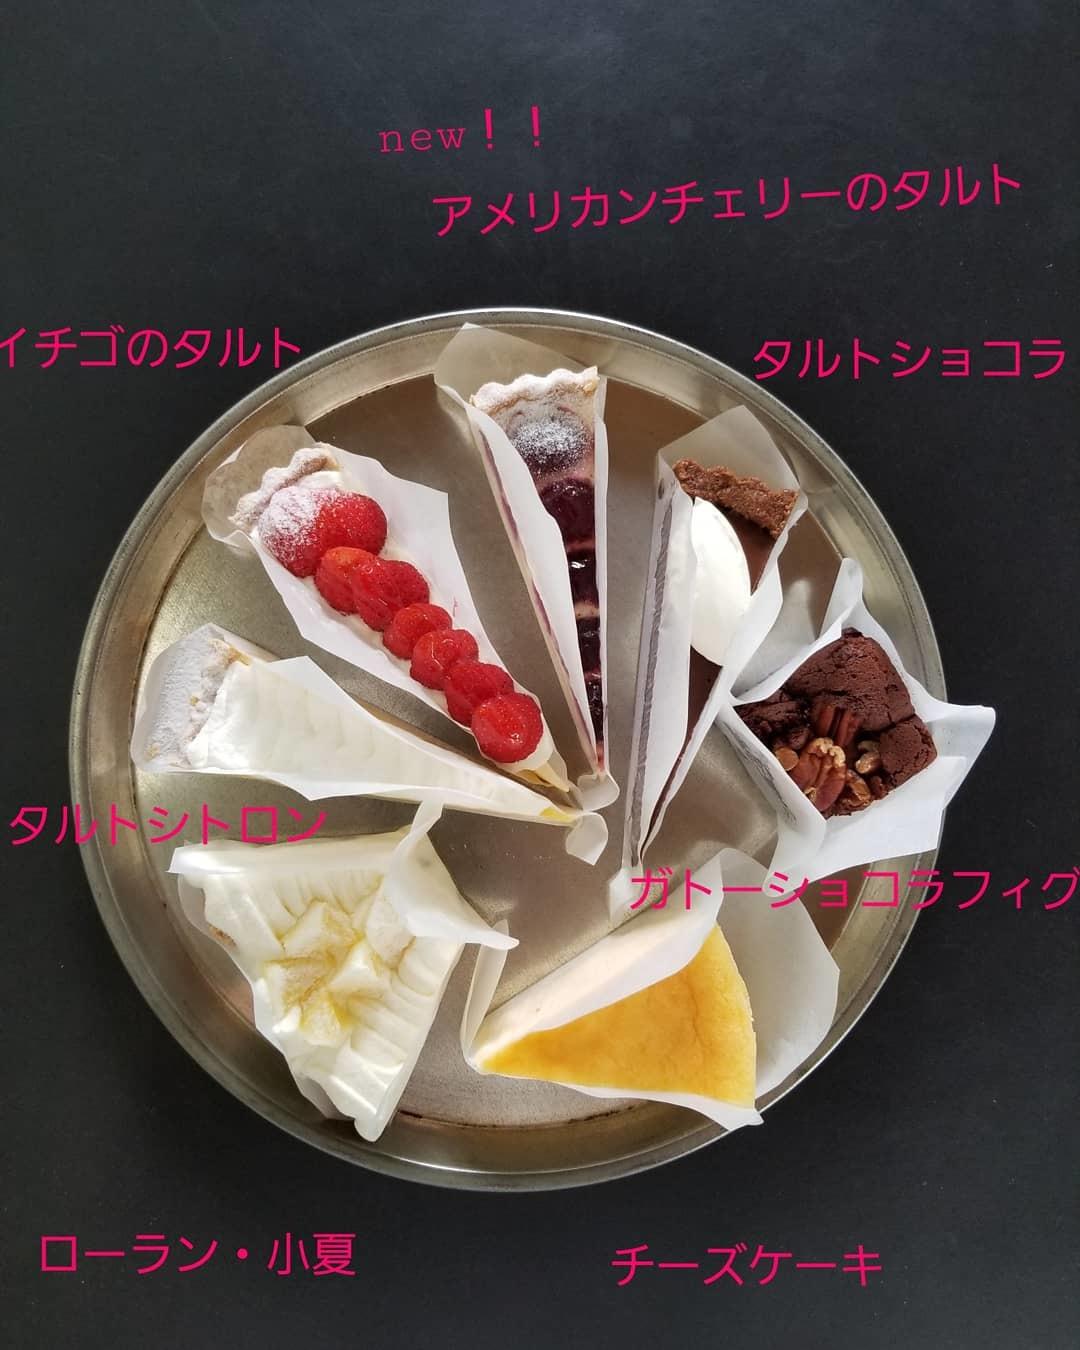 今日明日のケーキのラ..._a0121154_12060680.jpg